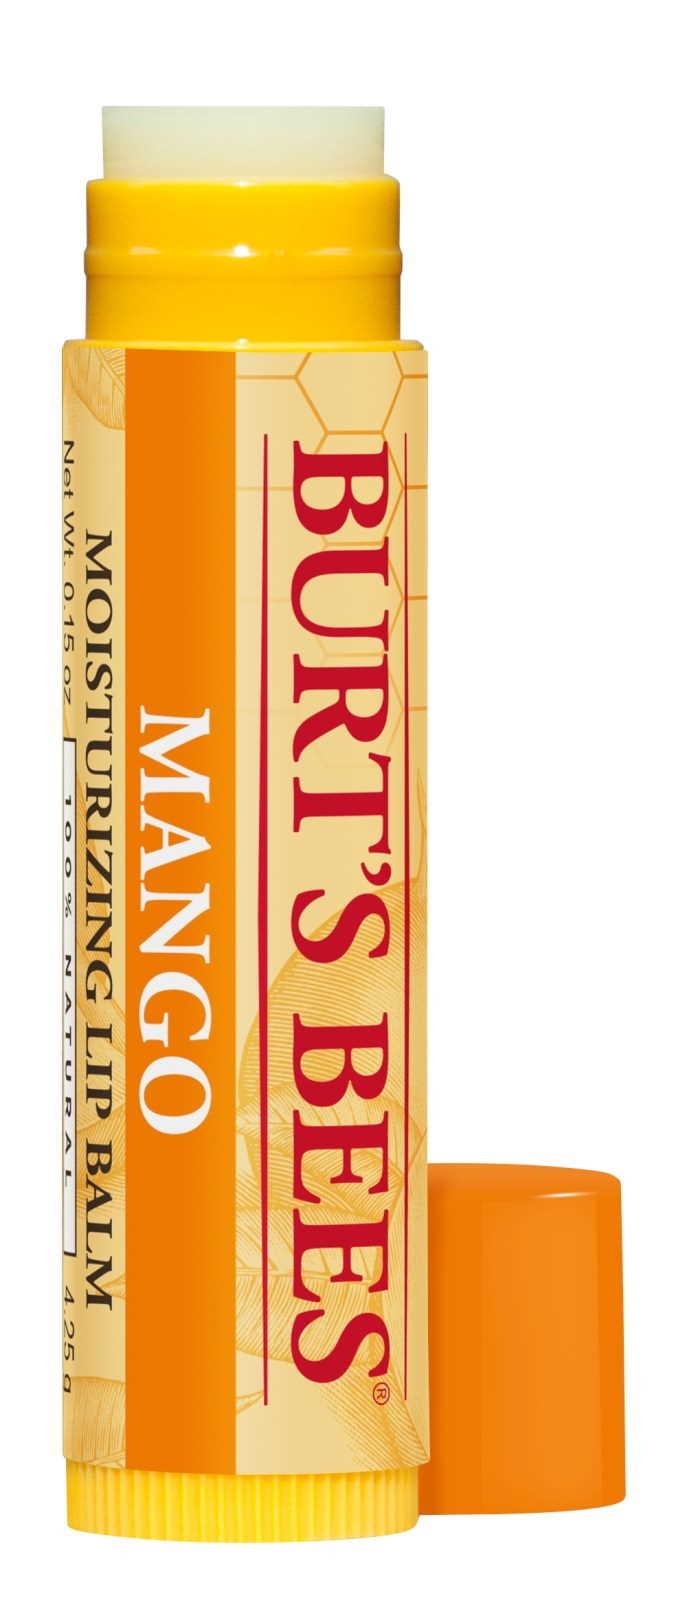 Burt's Bees Mango Butter Moisturizing Lip Balm to save mask-weary lips